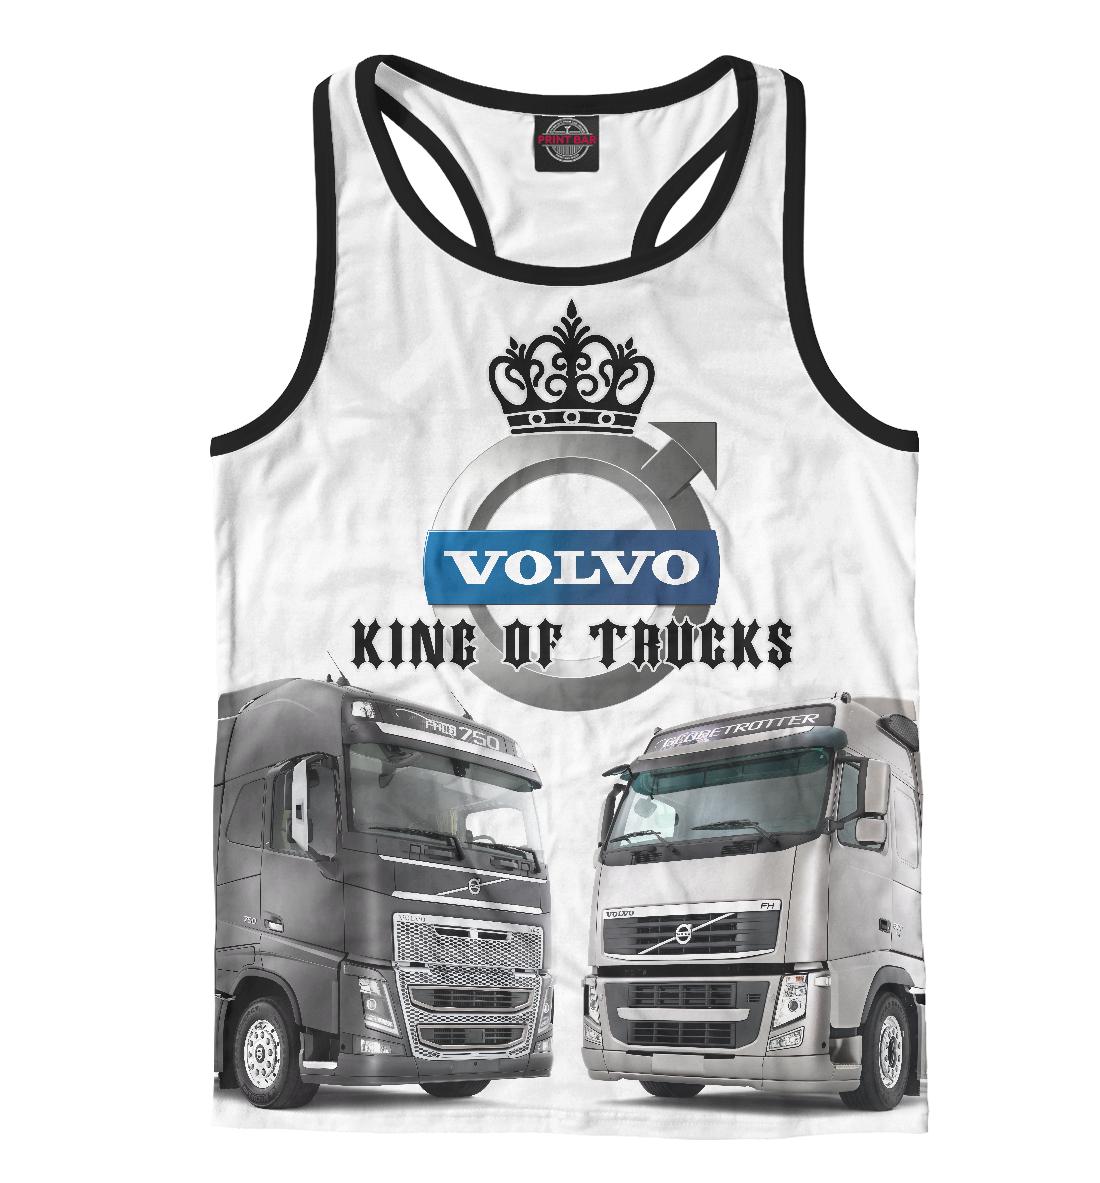 Купить VOLVO - король грузовиков, Printbar, Майки борцовки, GRZ-894611-mayb-2